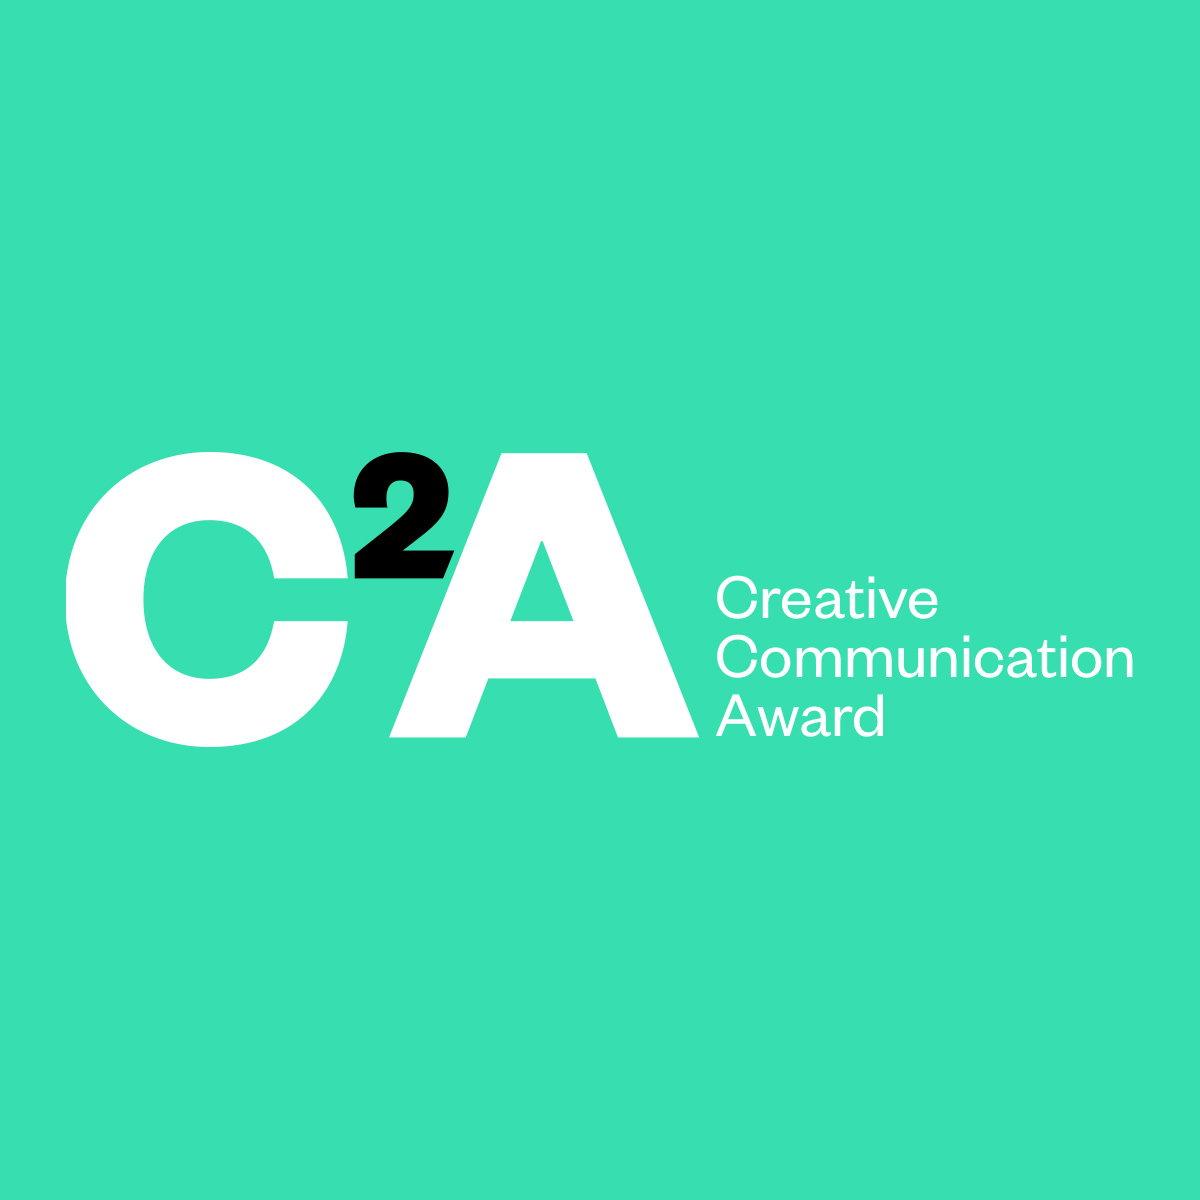 فراخوان جایزه ارتباطات خلاق 2021 C2A